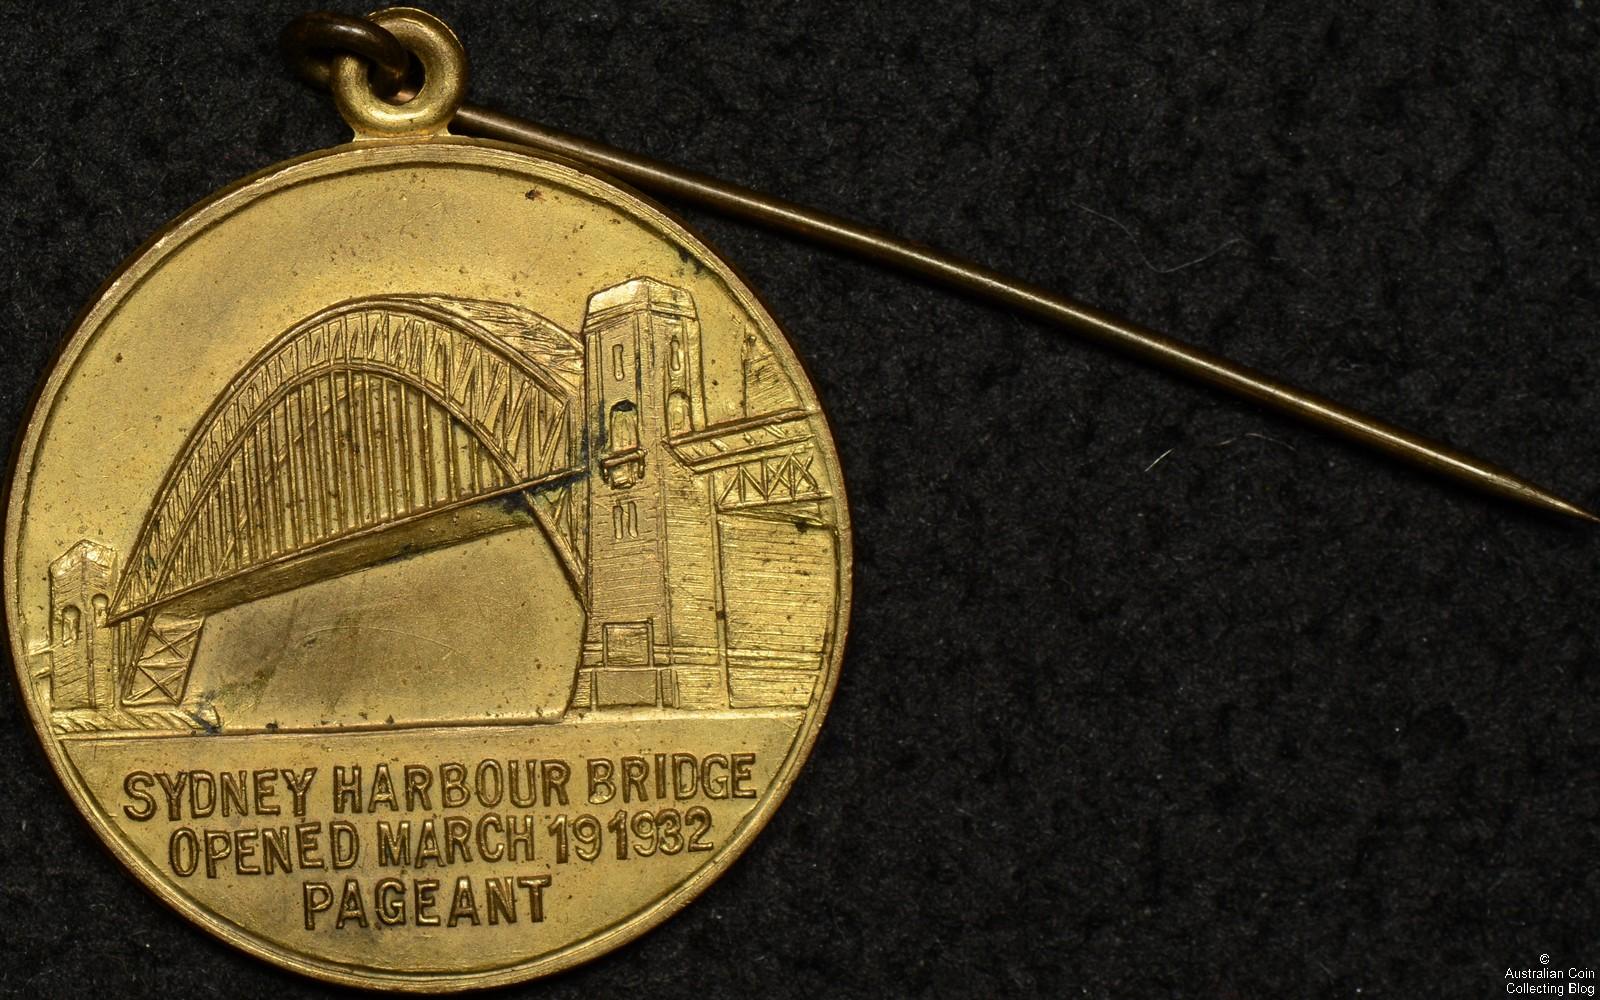 Sydney Harbour Bridge Pageant Medal